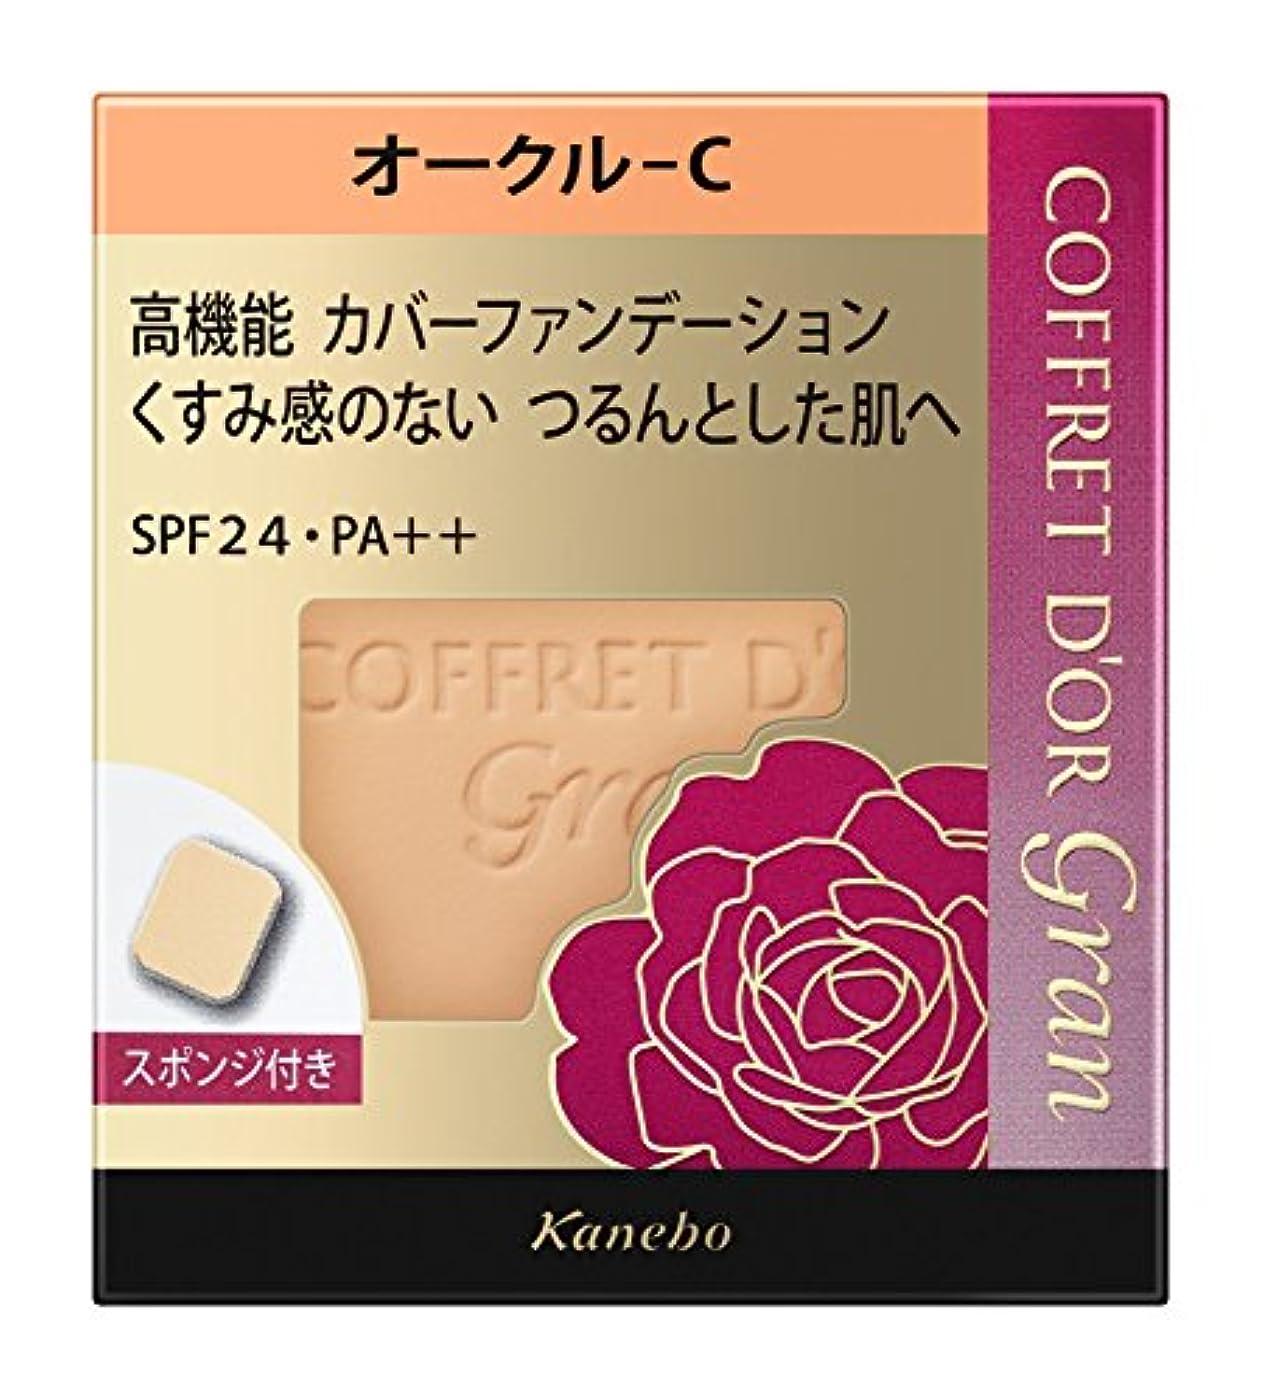 前売骨の折れる塗抹コフレドール グラン ファンデーション カバーフィットパクトUV2 オークルC SPF24/PA++ 10.5g